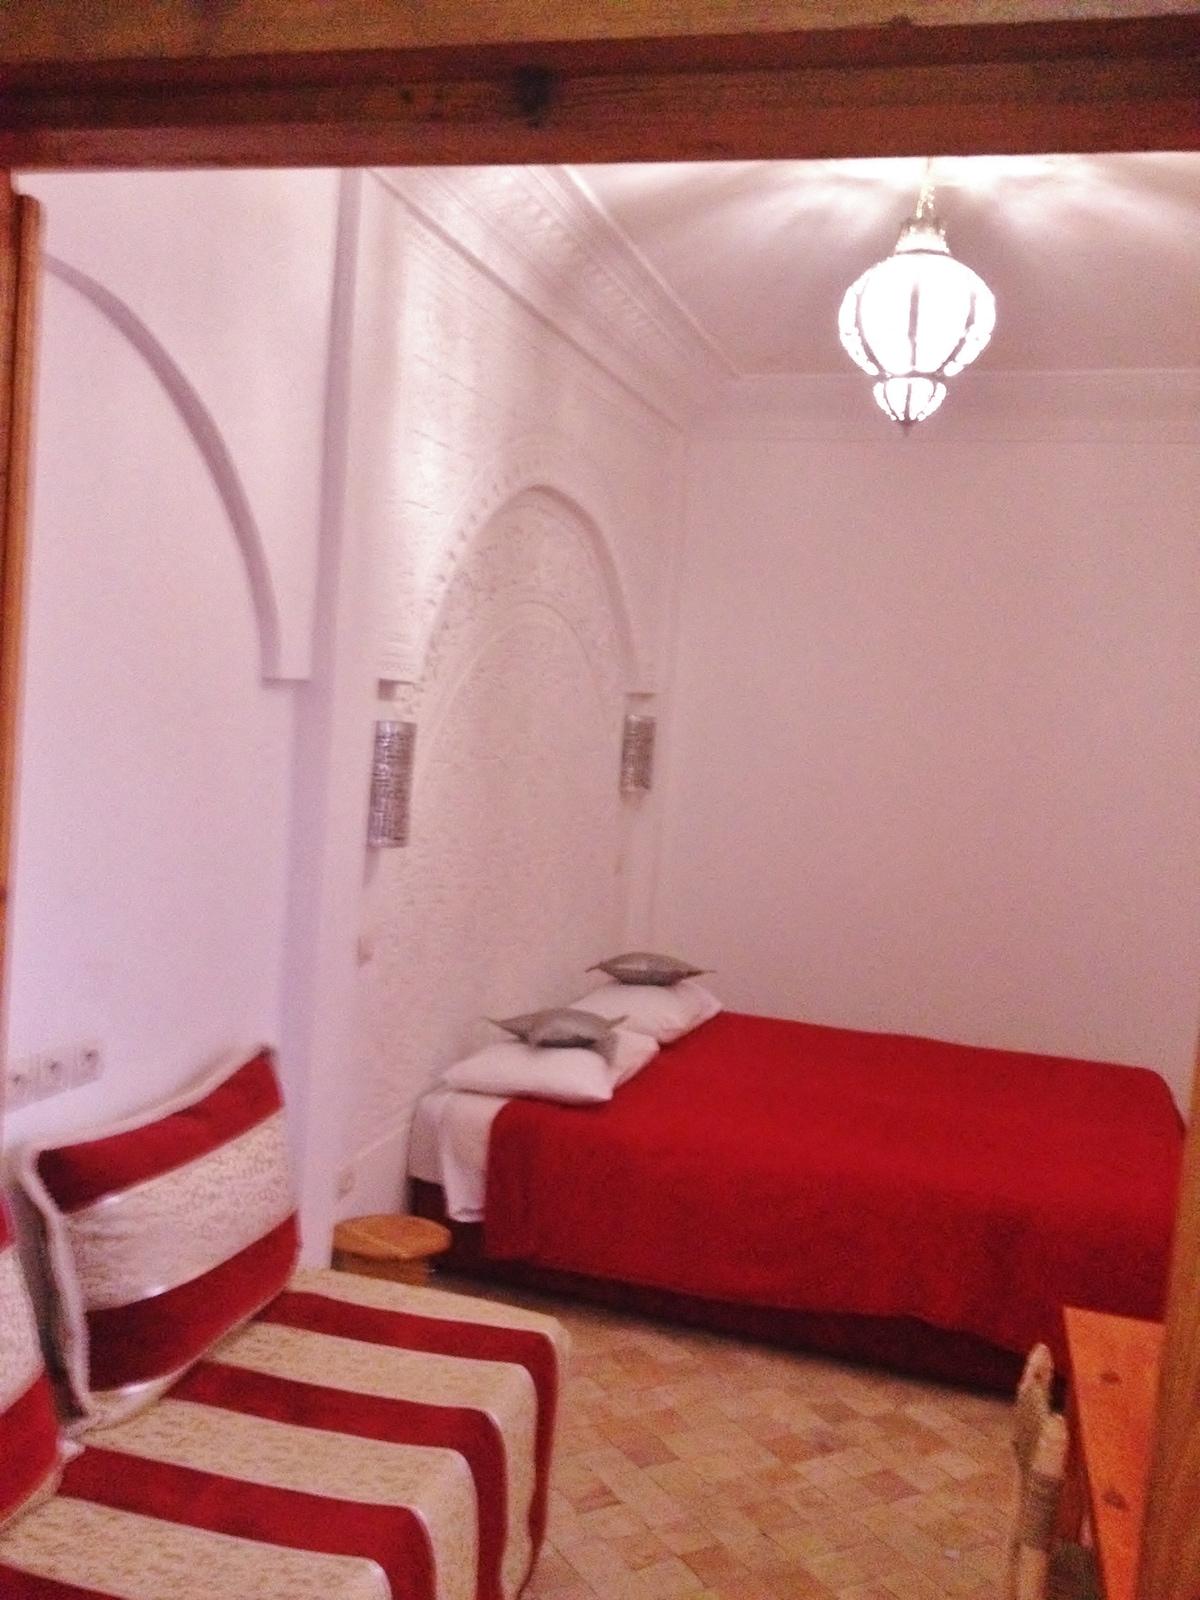 Riad Jemaa El Fna - B&B - room 1